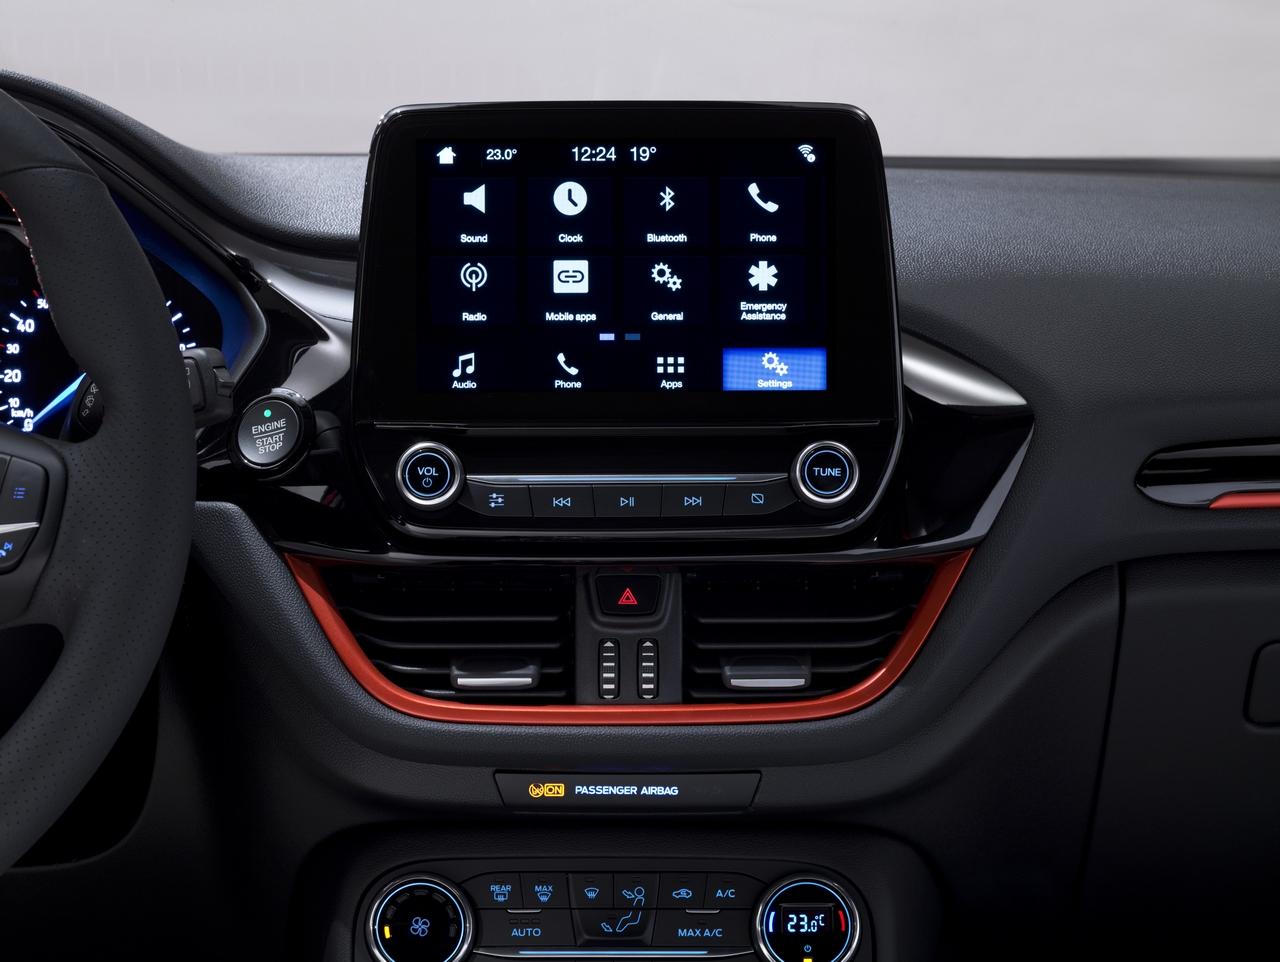 Ford Fiesta SYNC 3